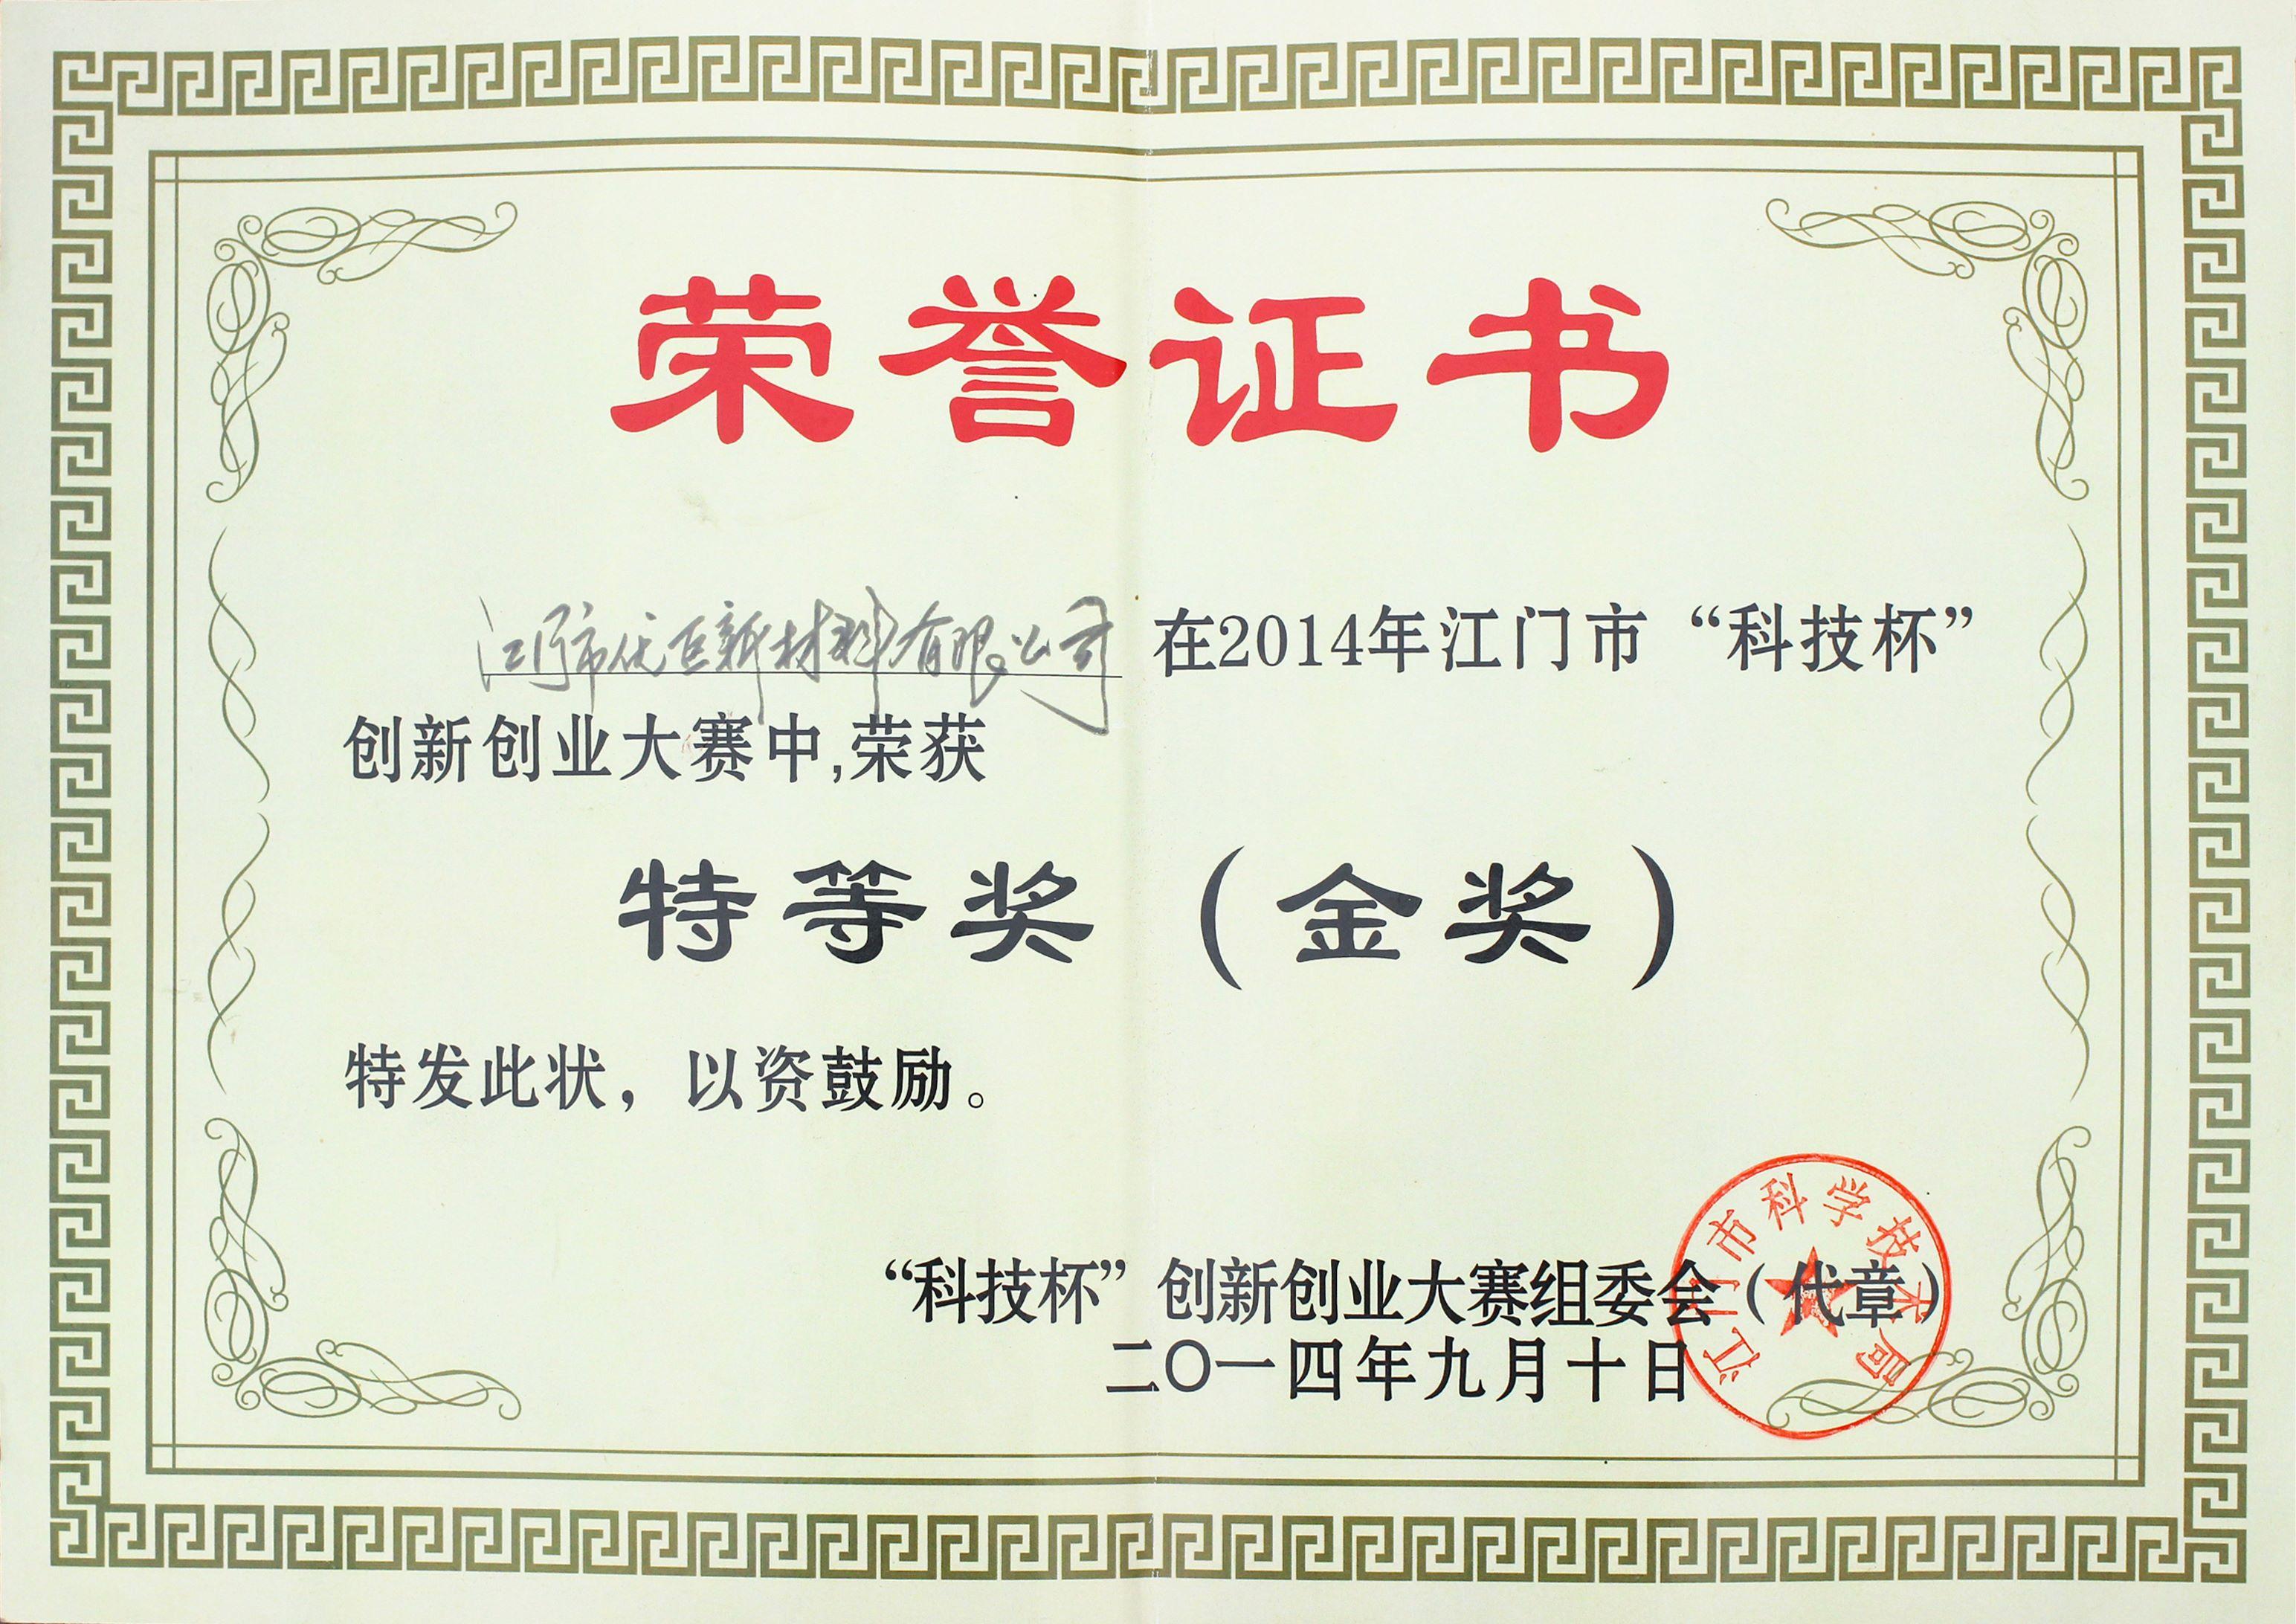 江门科技创新大赛金奖